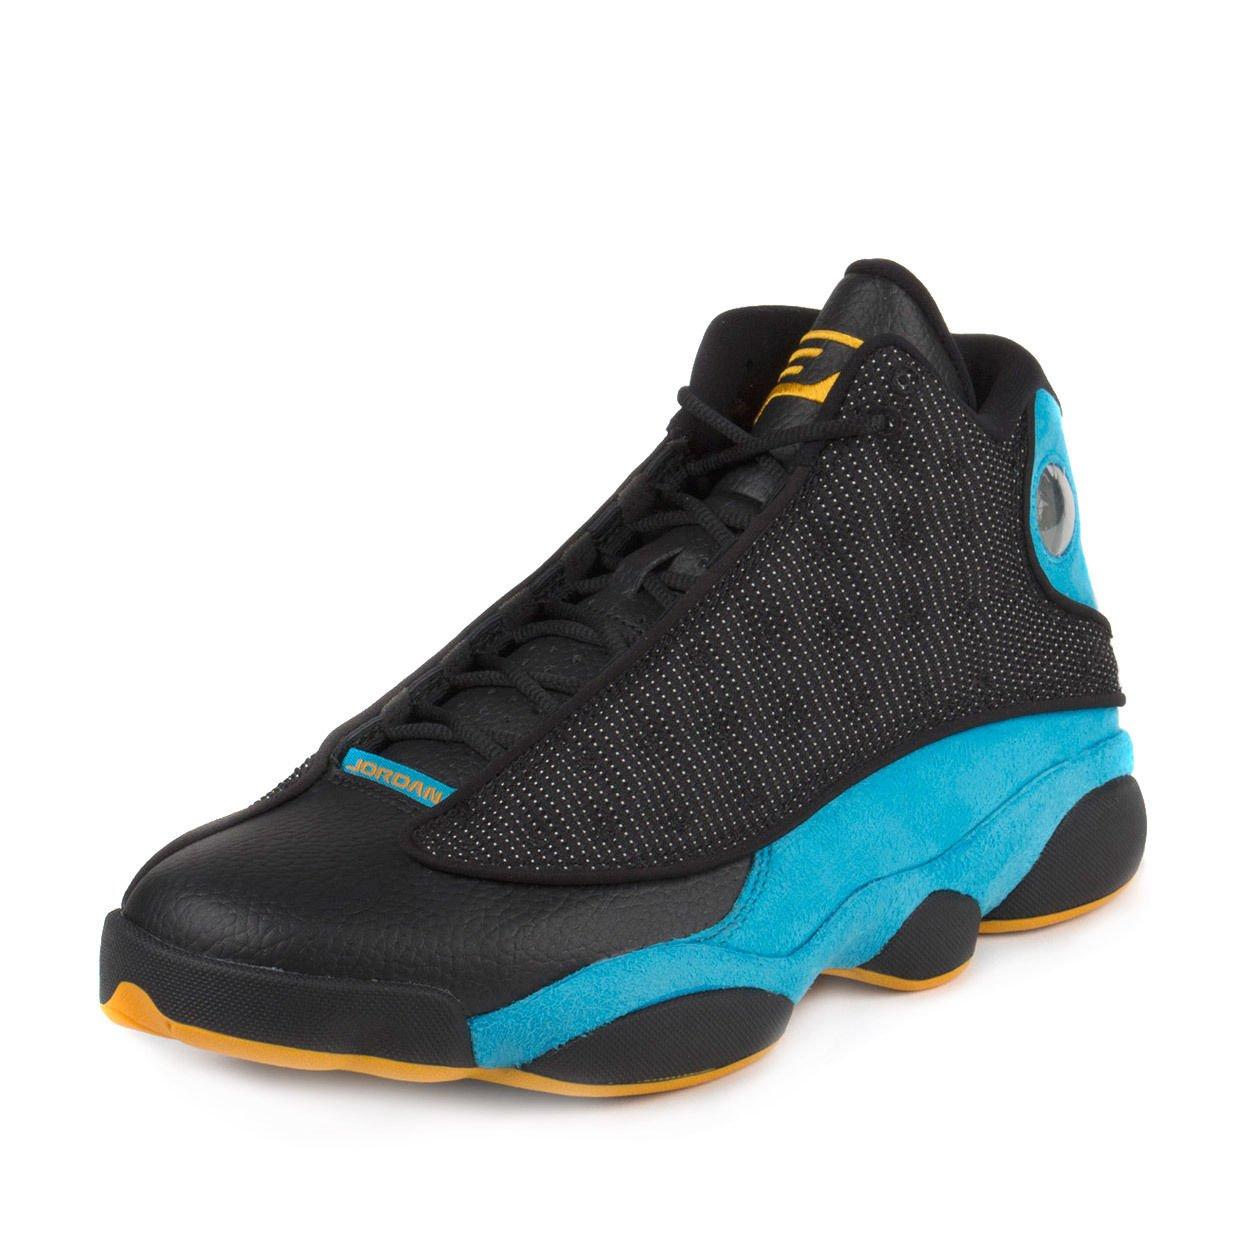 [ナイキ] Air Jordan 13 XIII CP3 Chris Paul PE メンズ 823902-015 [並行輸入品] B07BZD375P  27.0 cm